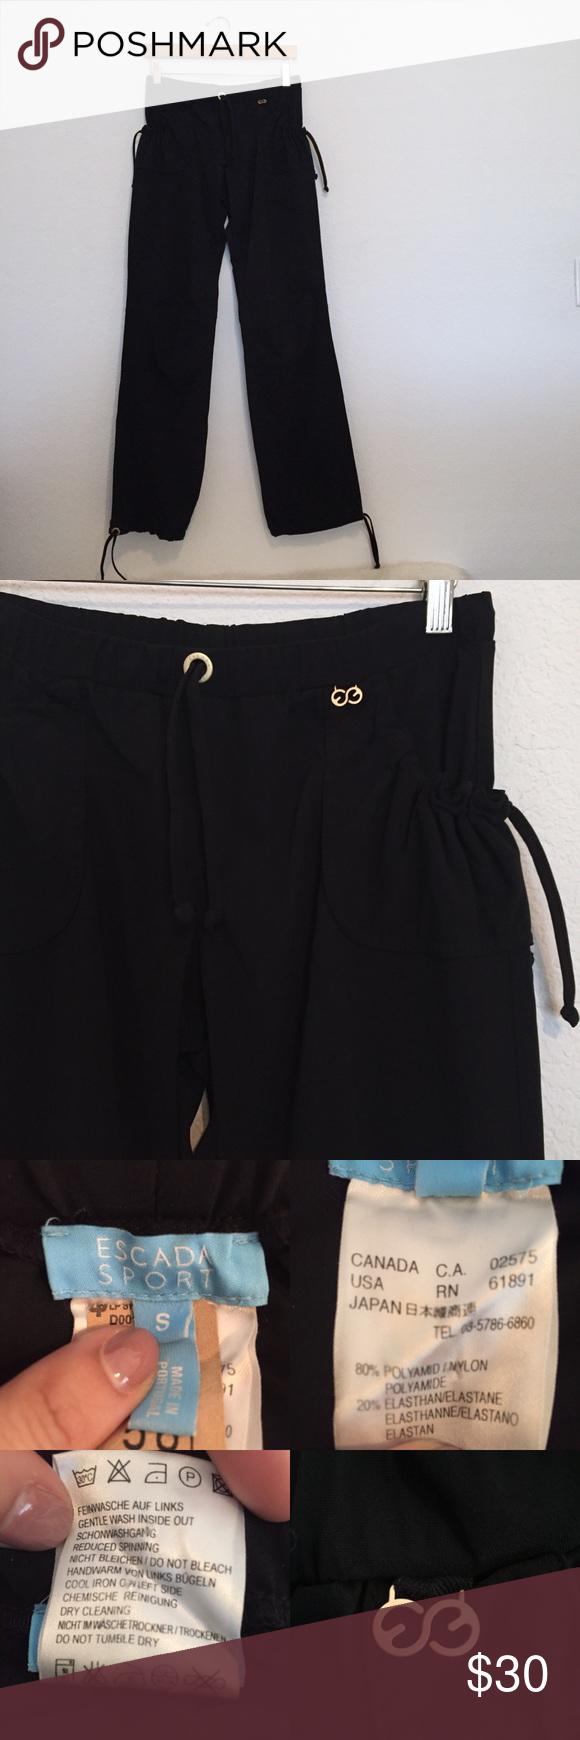 41499d0afd9f38864cee93c12e555c45 - How To Get Iron Marks Out Of Black Clothes